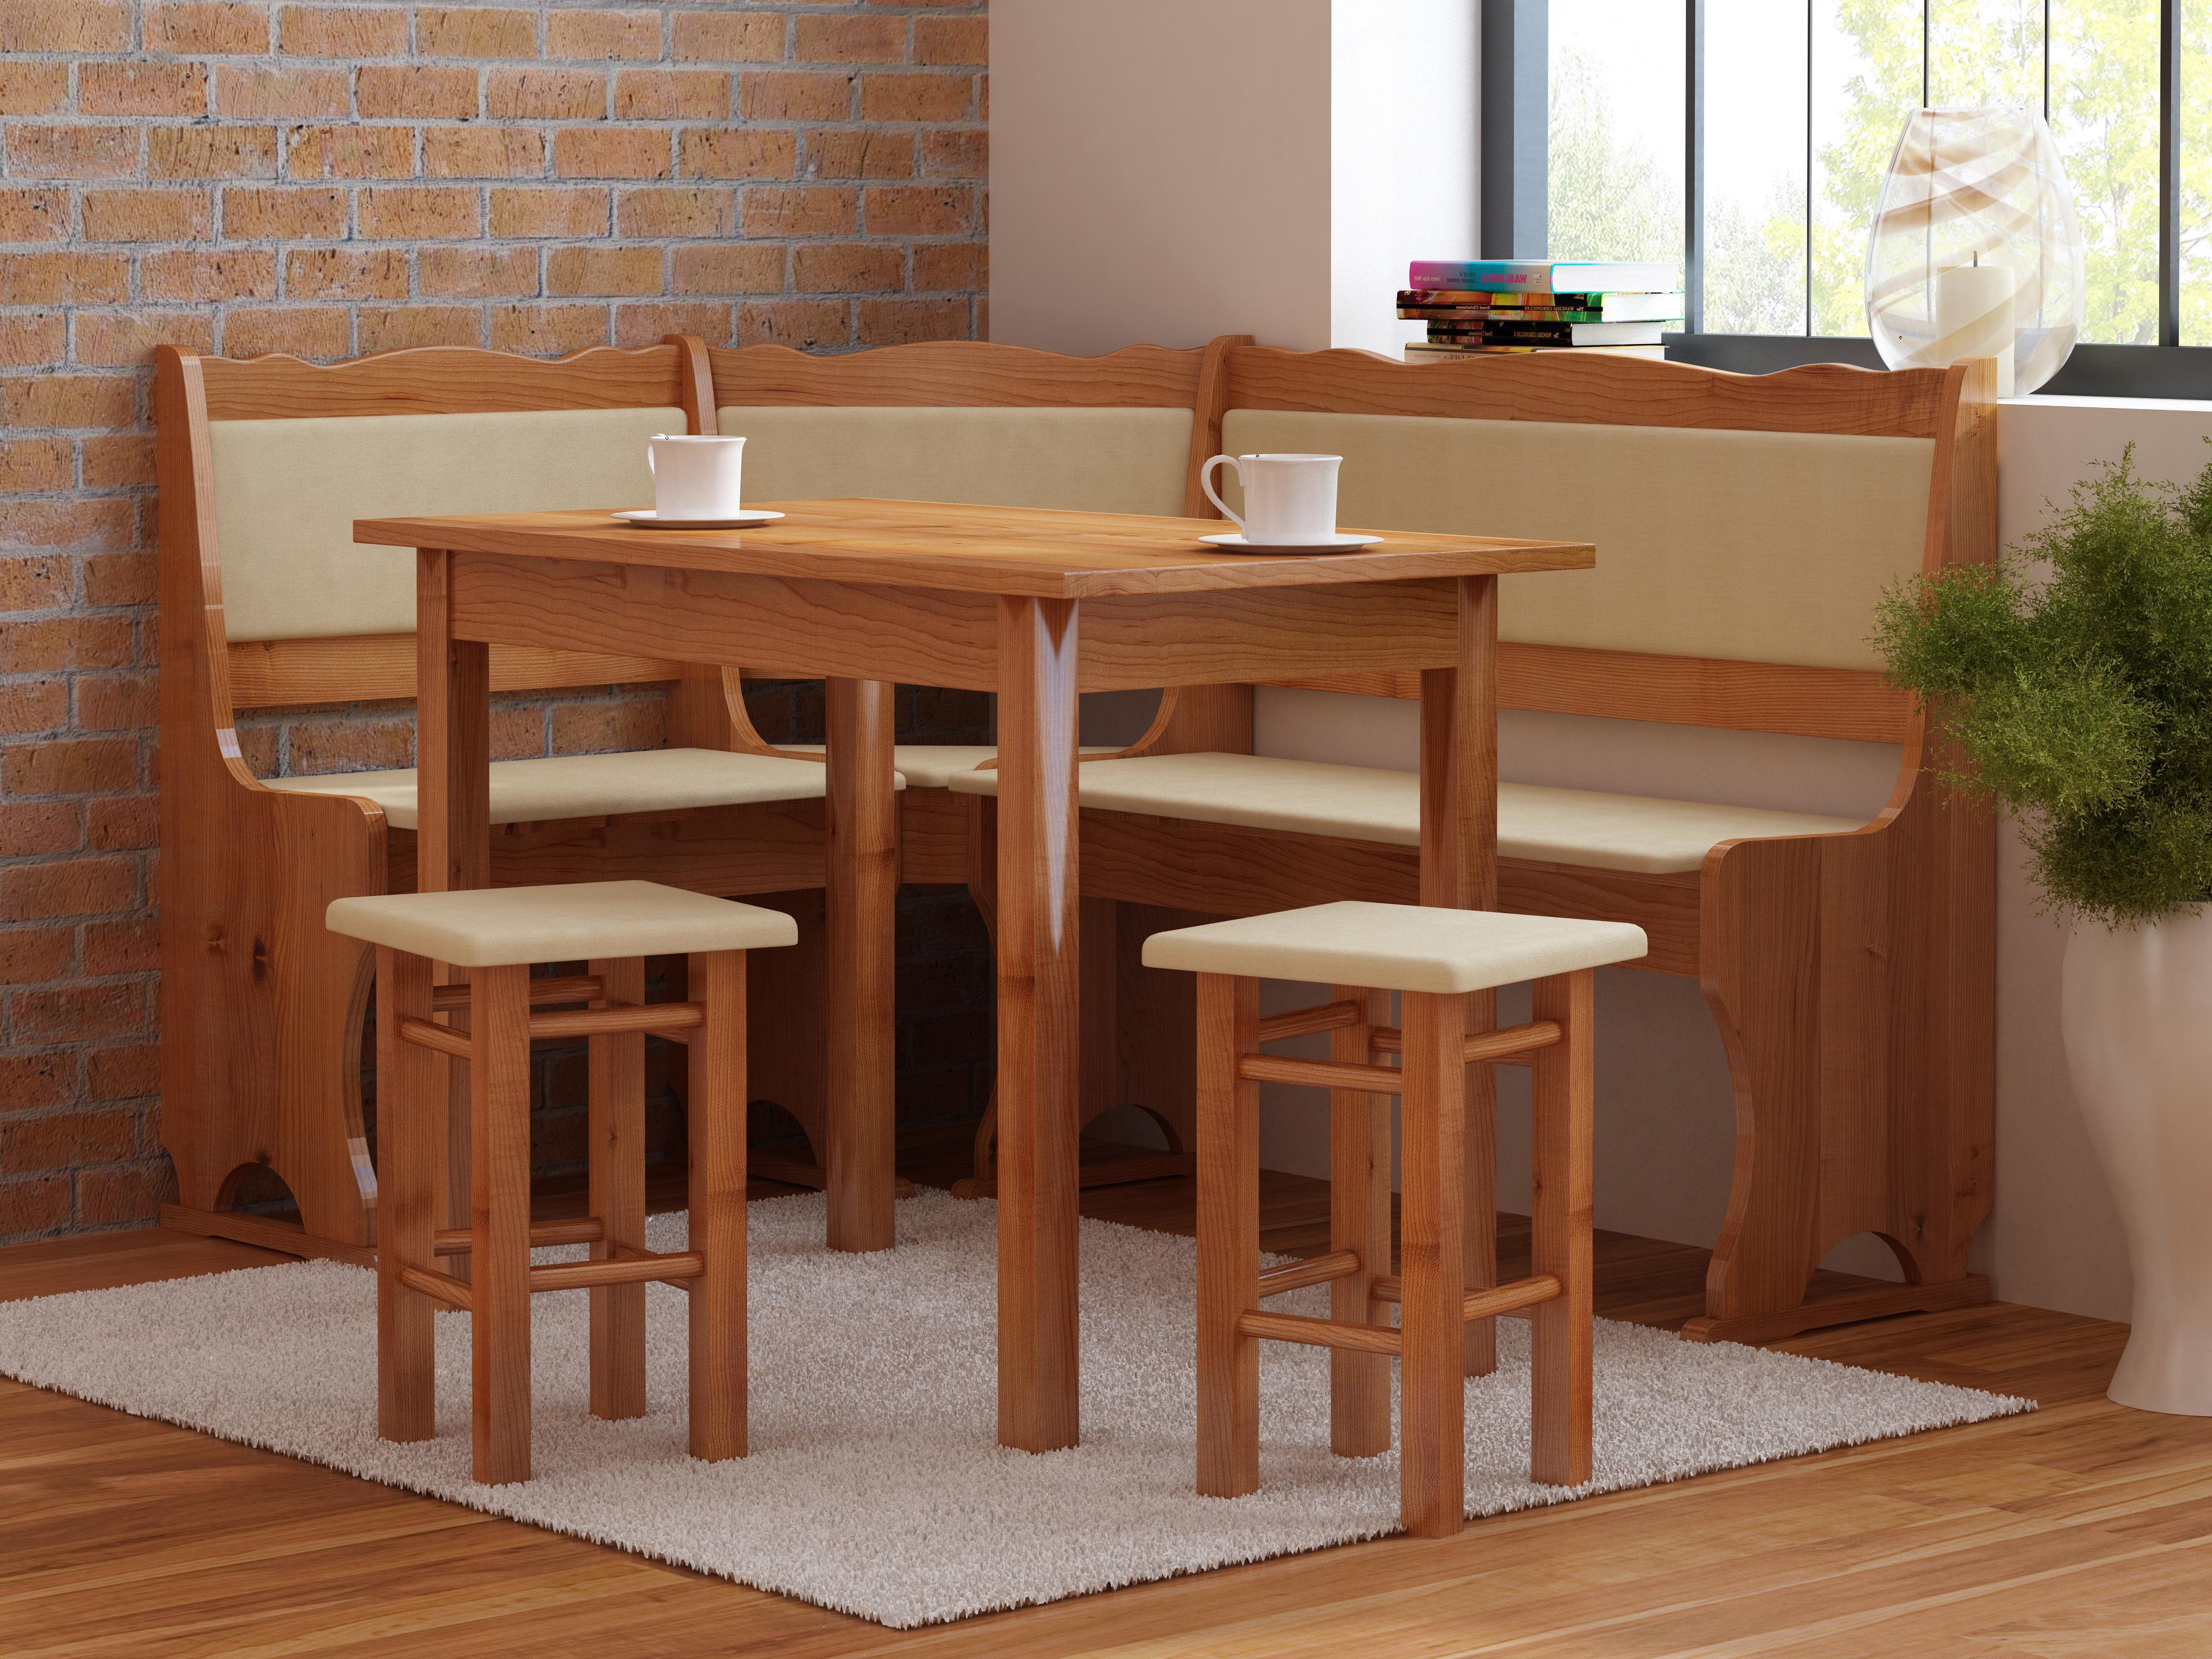 Rohový jídelní set - Mirvik (pro 5 osob) (L)